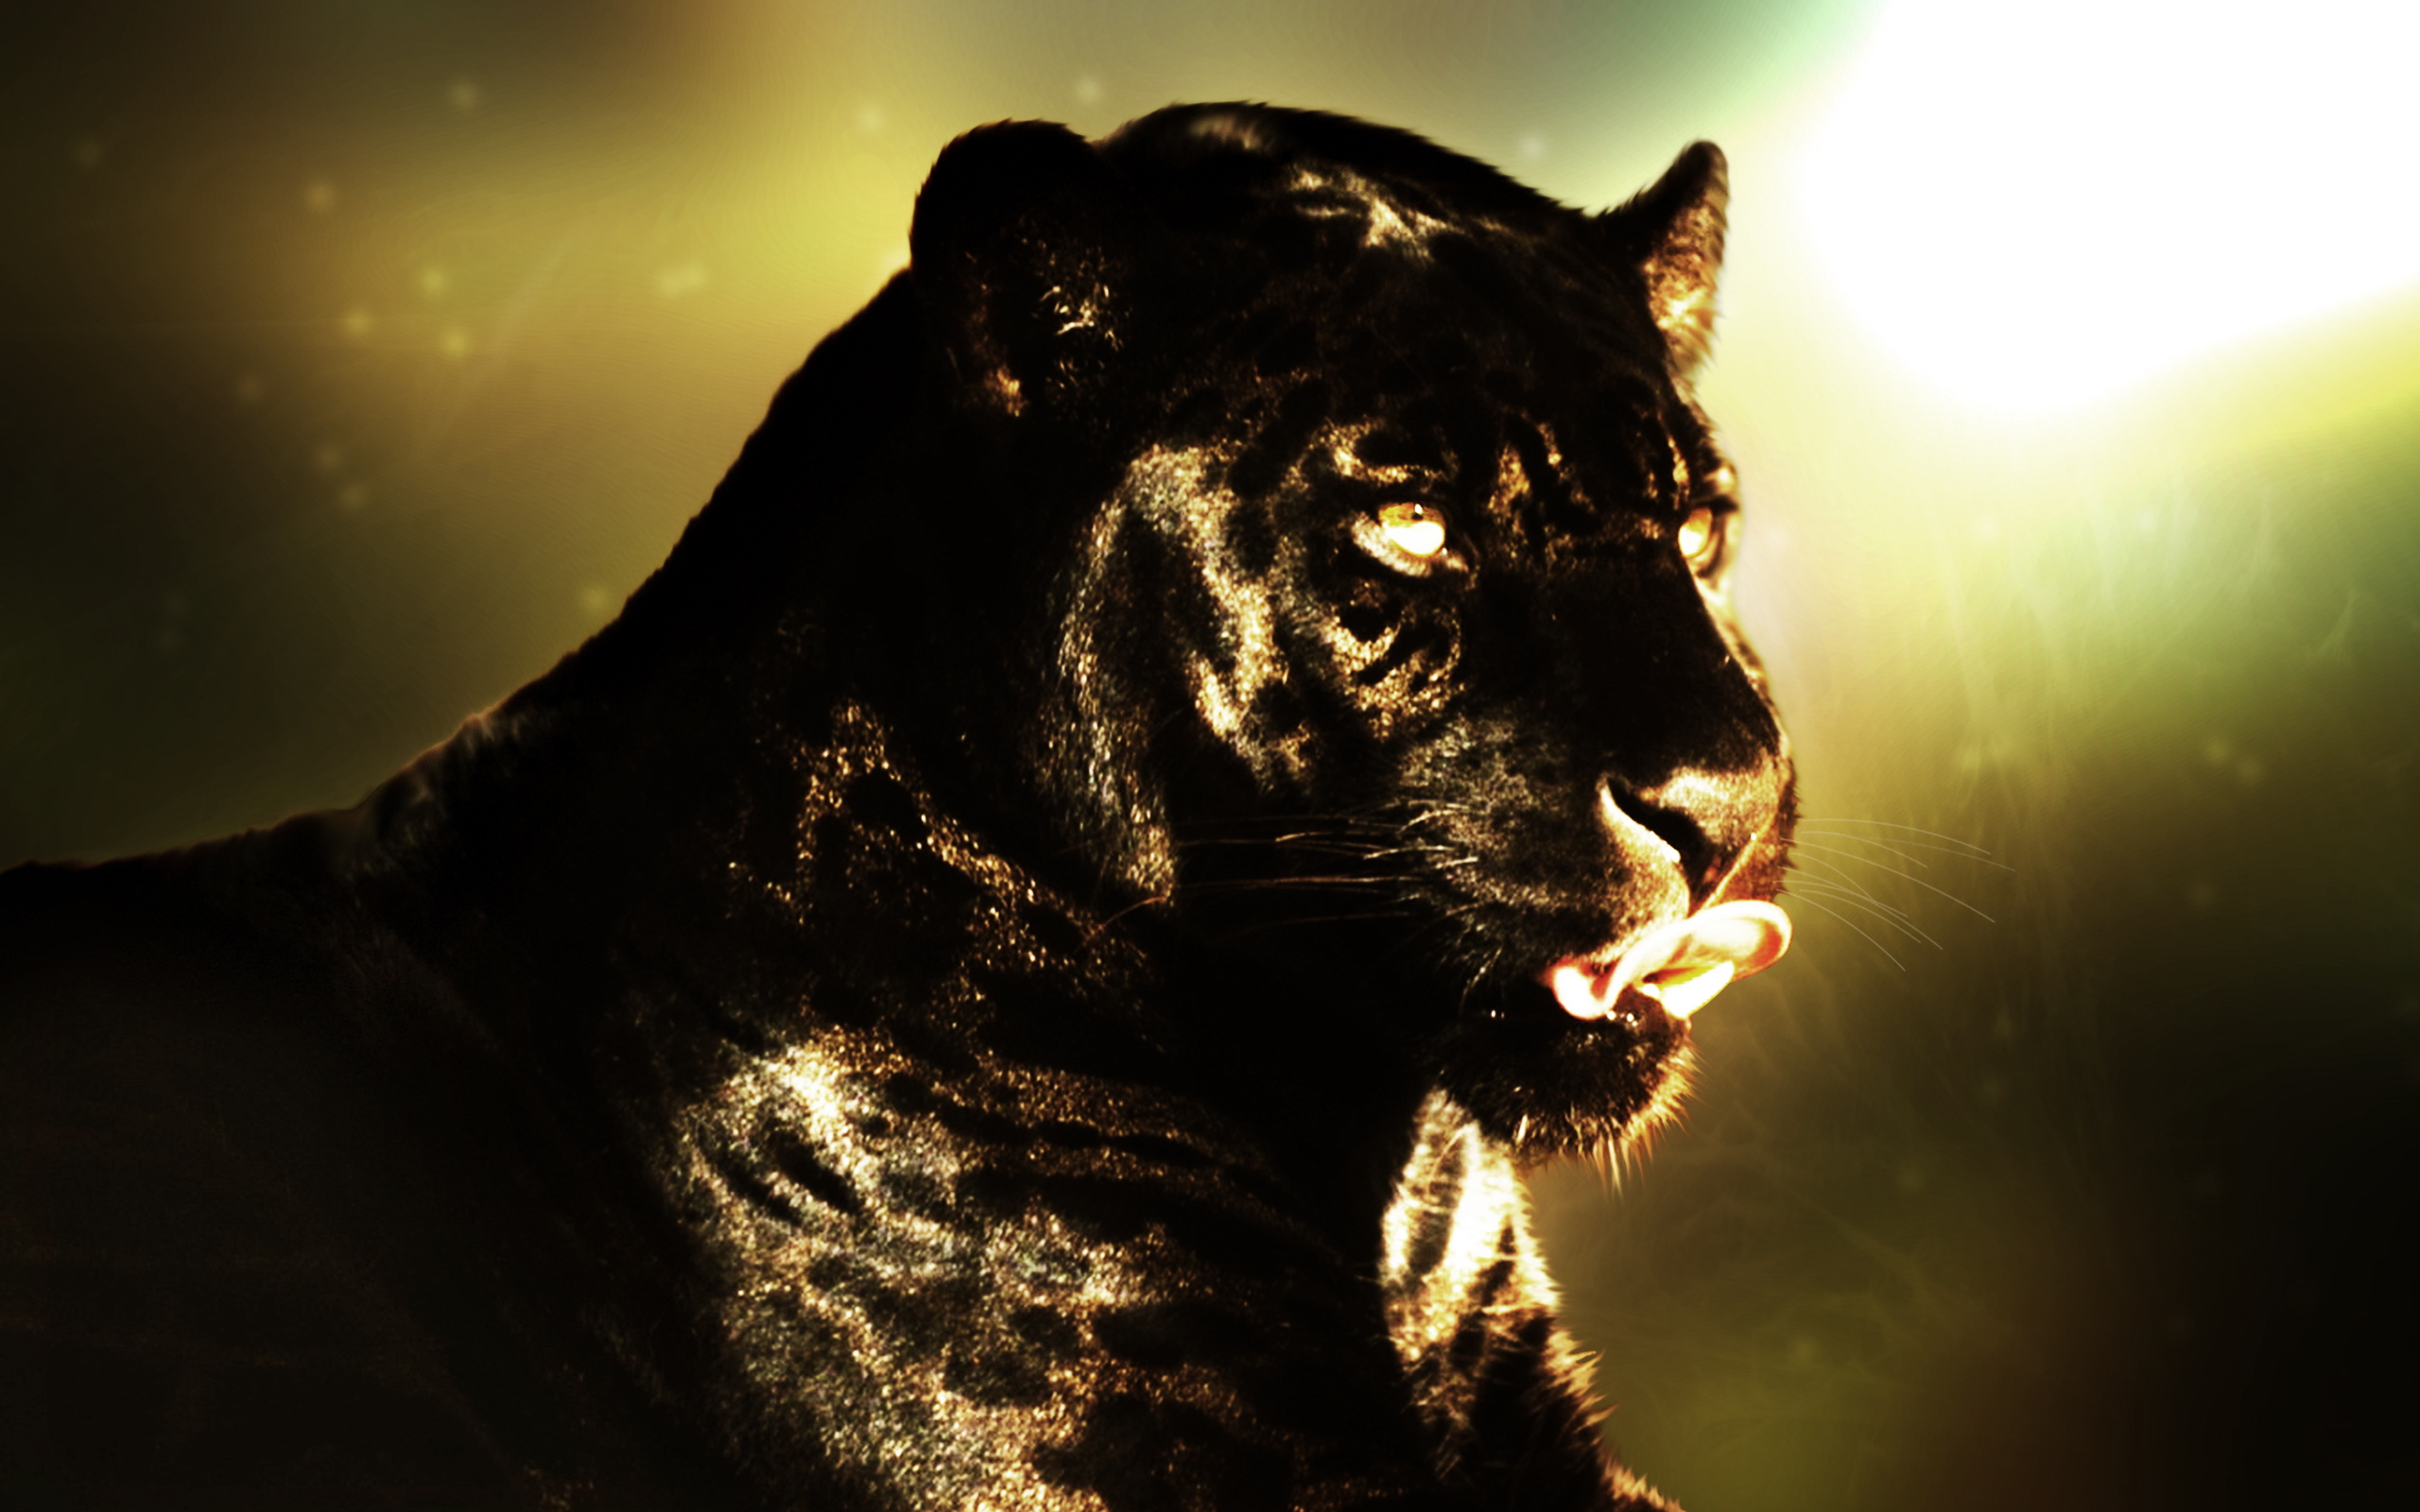 Panther Black Panther Animal Free 2560x1600 Wallpaper Teahub Io